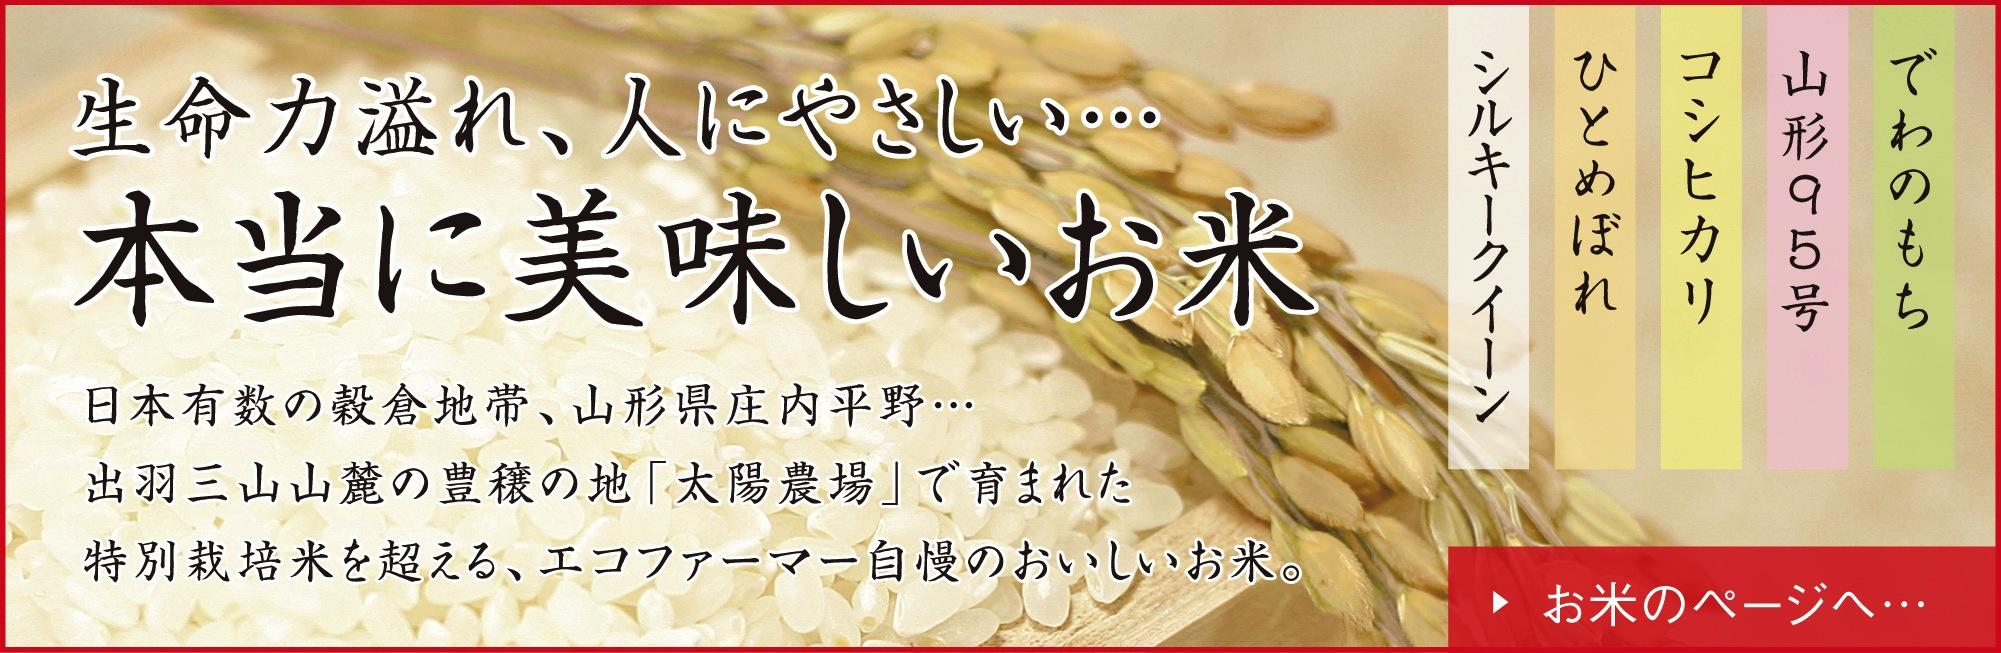 本当に美味しいお米